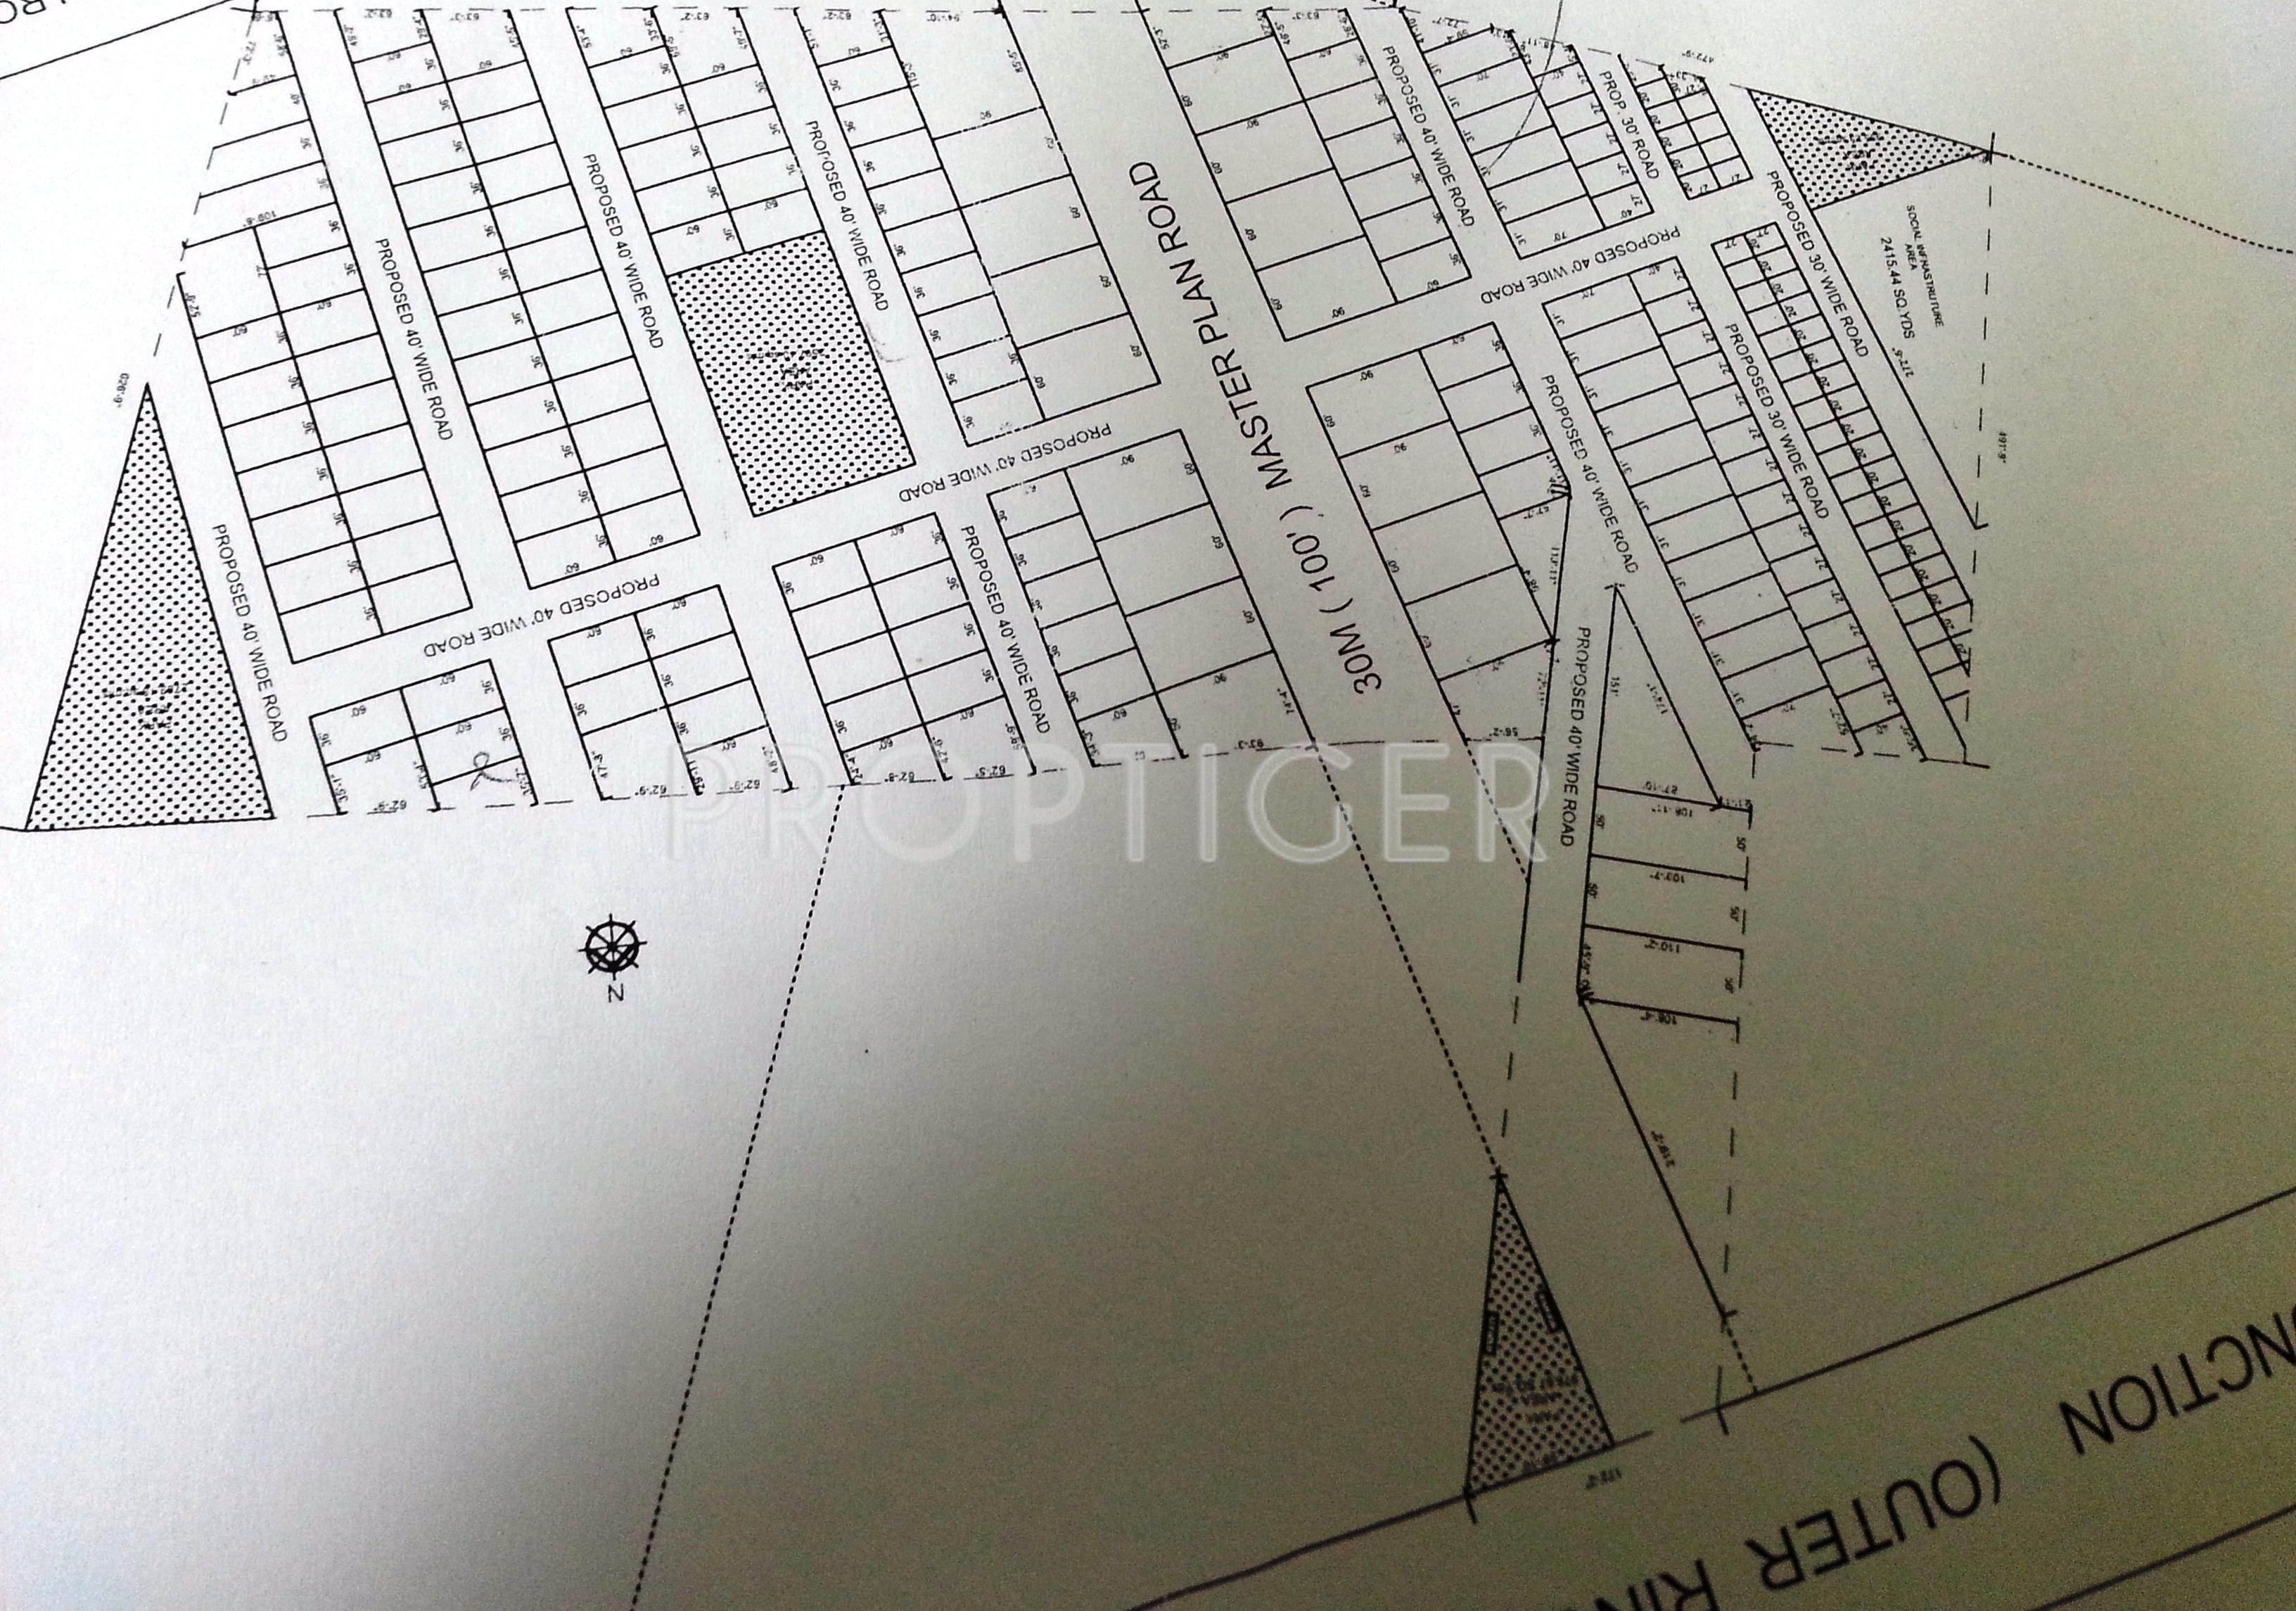 540 Sq Ft Plot For Sale In Ypr Real Estate Enclave